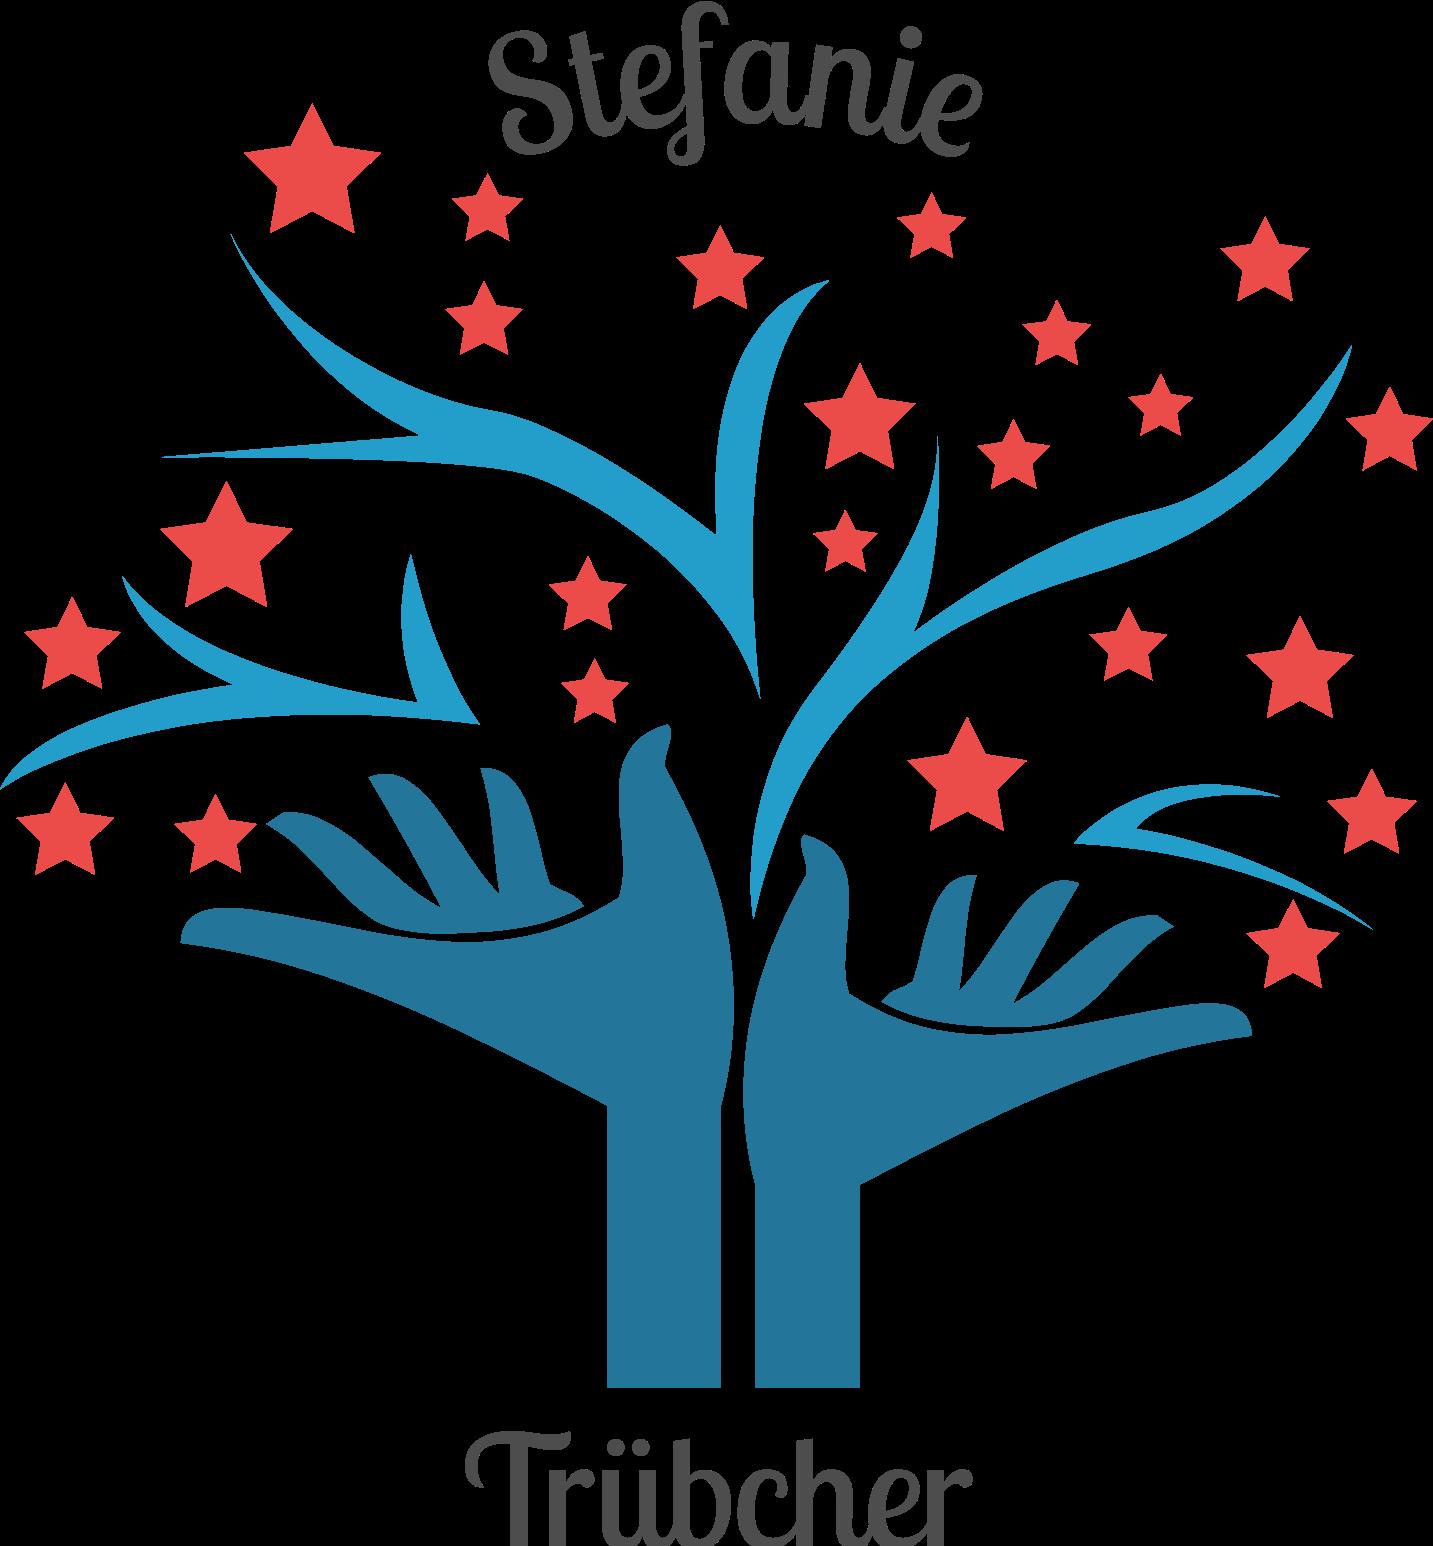 Stefanie Truebcher – Ganzheitliches Coaching & Hypnose